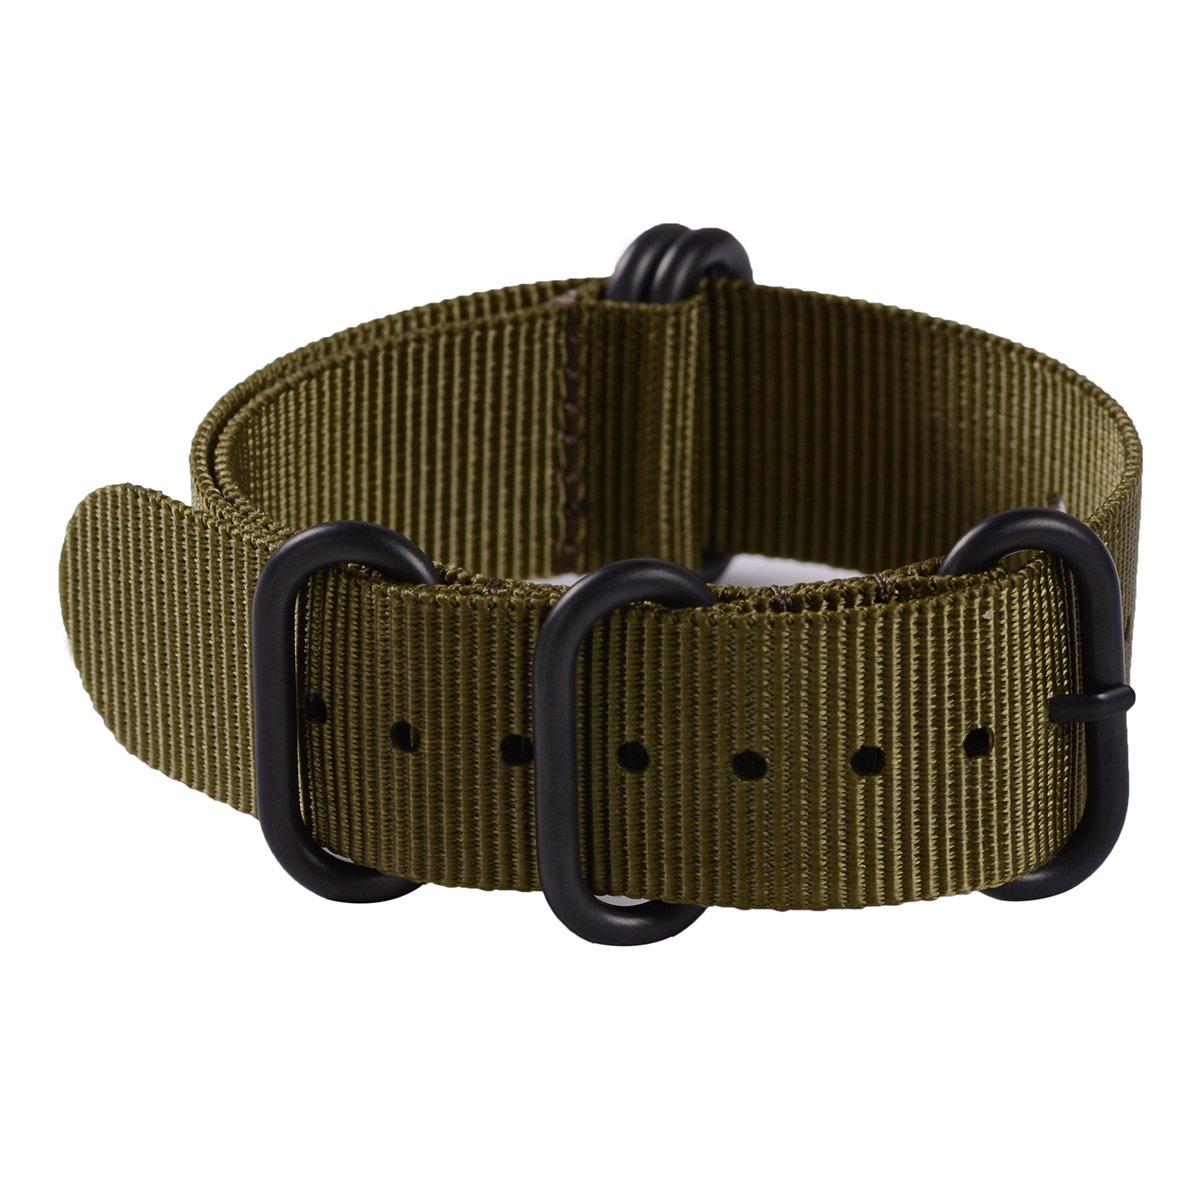 eache BallisticナイロンZuluバンド20 mm 22 mm 24 mm 22mm Olive-Black Hardware 22mm|Olive-Black Hardware Olive-Black Hardware 22mm B0711MTC32